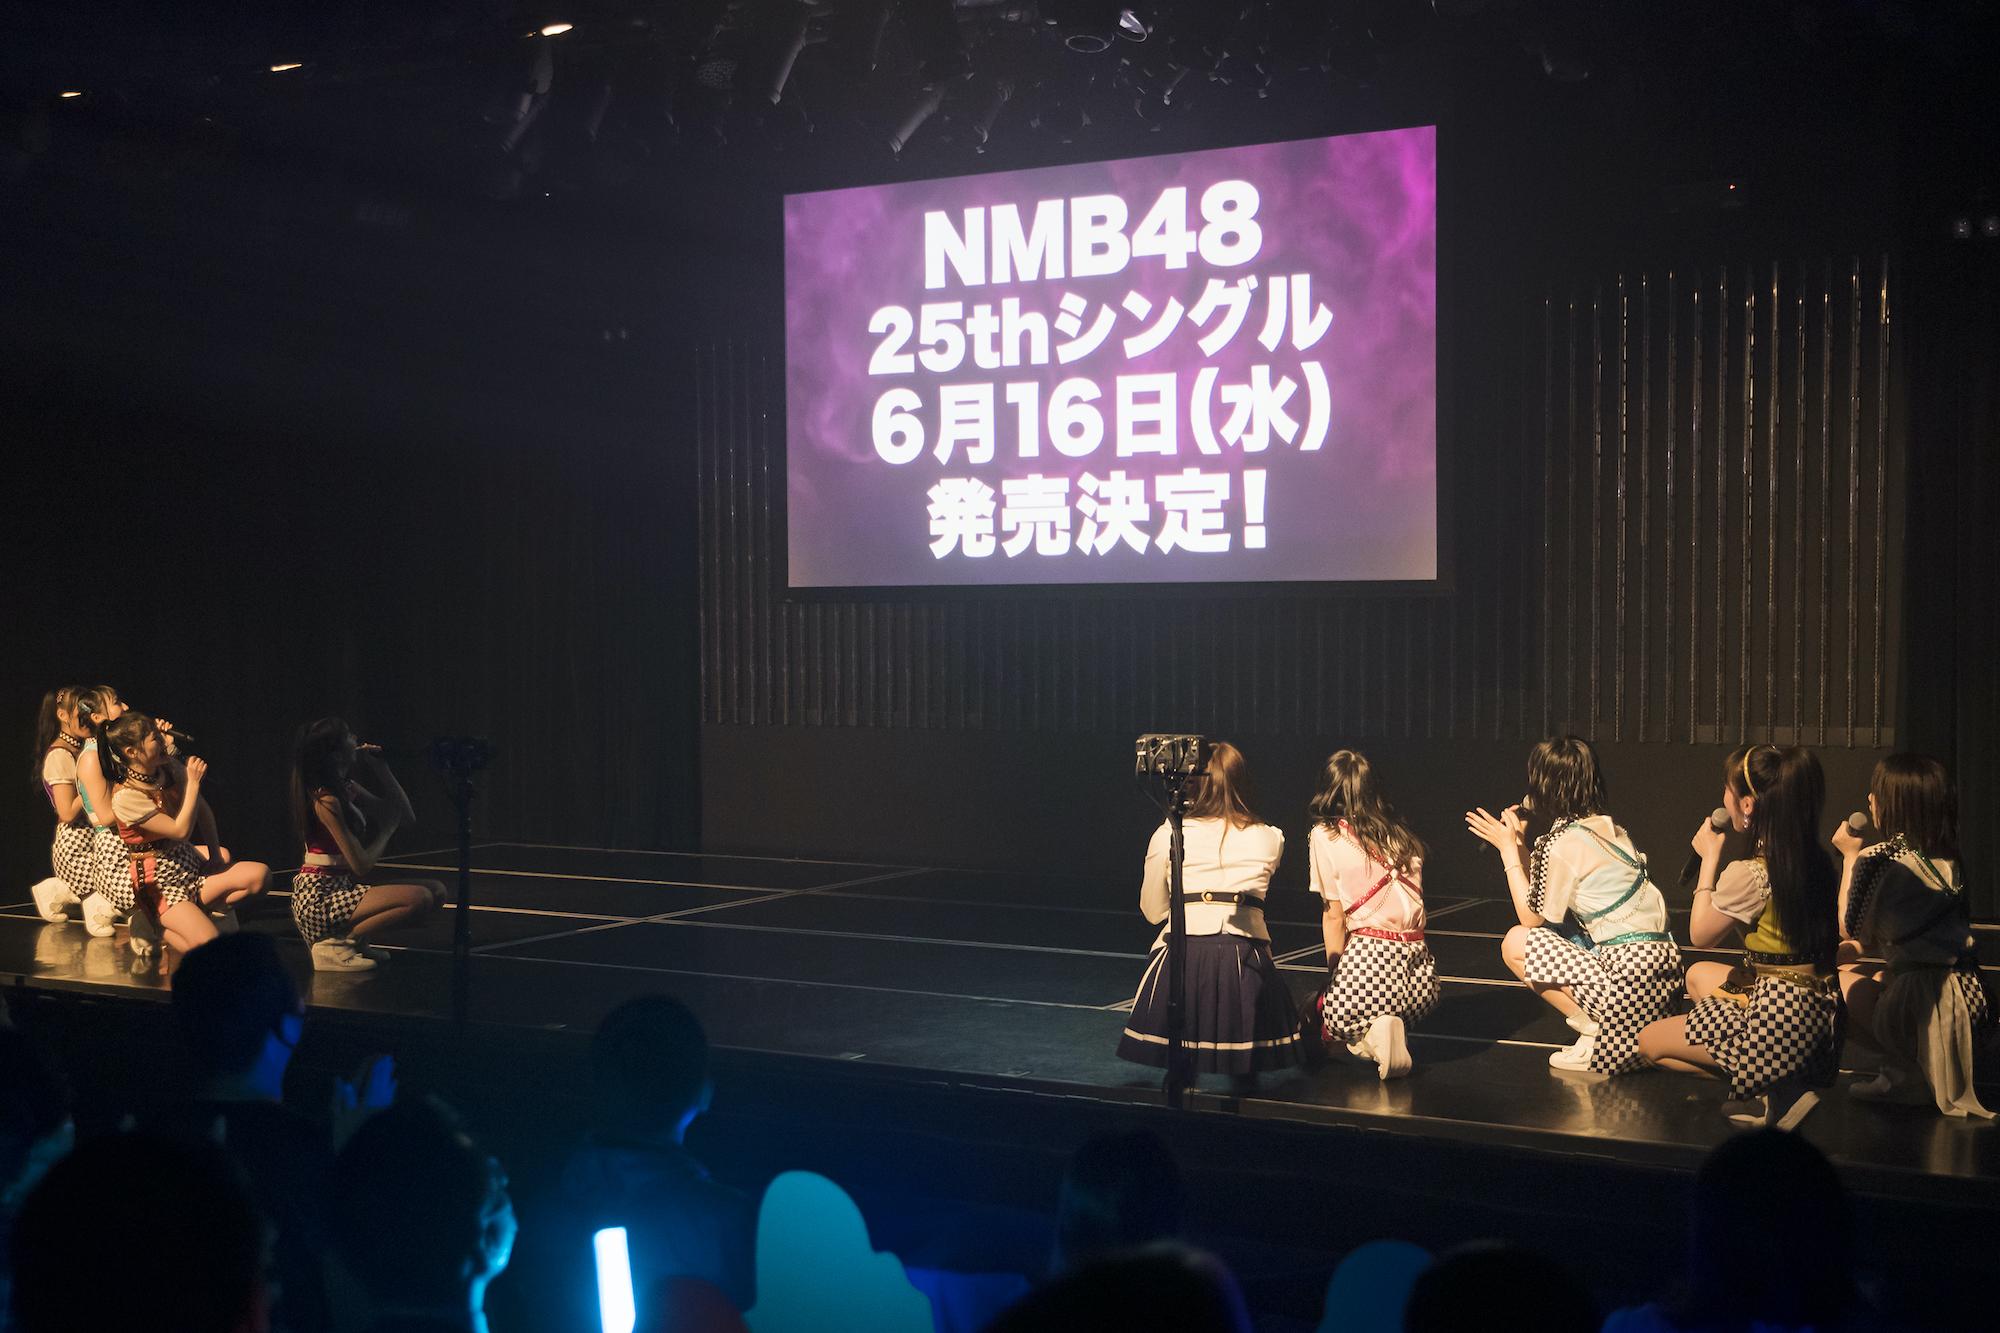 「白間美瑠プロデュース『大阪魂、捨てたらあかん』公演」初日公演にて(2021年4月19日、NMB48劇場)。(c)NMB48